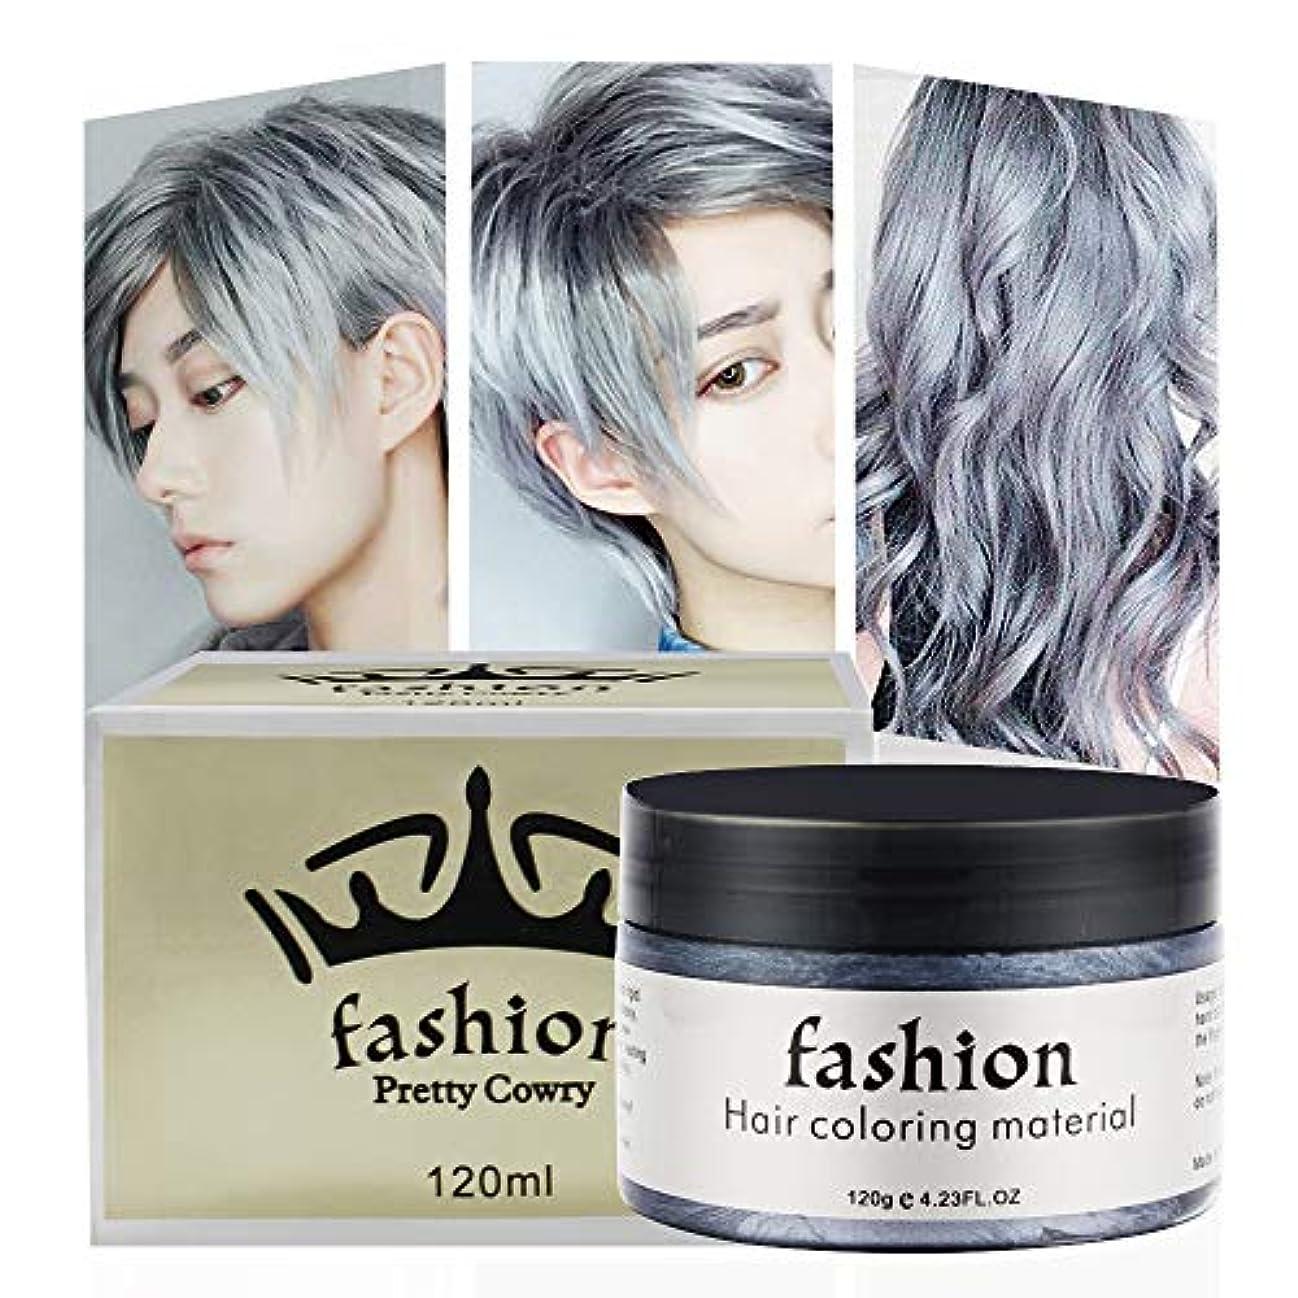 ヘアワックス WAWJ おしゃれ染め 染毛剤 整髪料 ヘアカラー用品 メンズ 大容量 120g